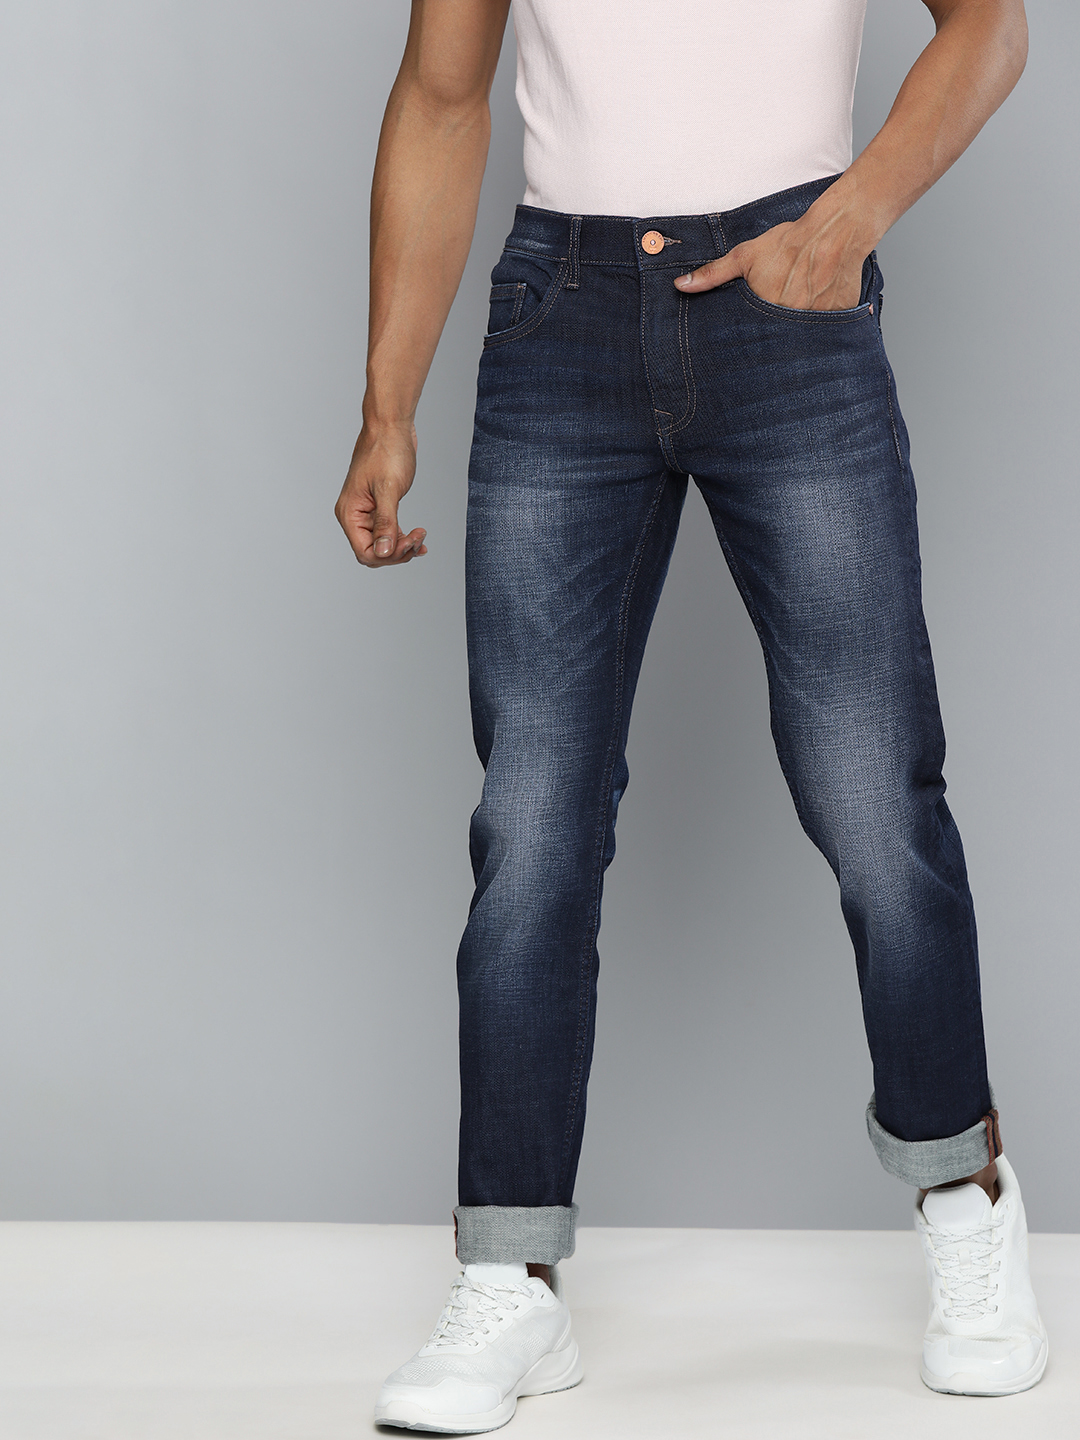 American Bull | American Bull Men Cotton Casual Slim Fit Dark Blue Jeans